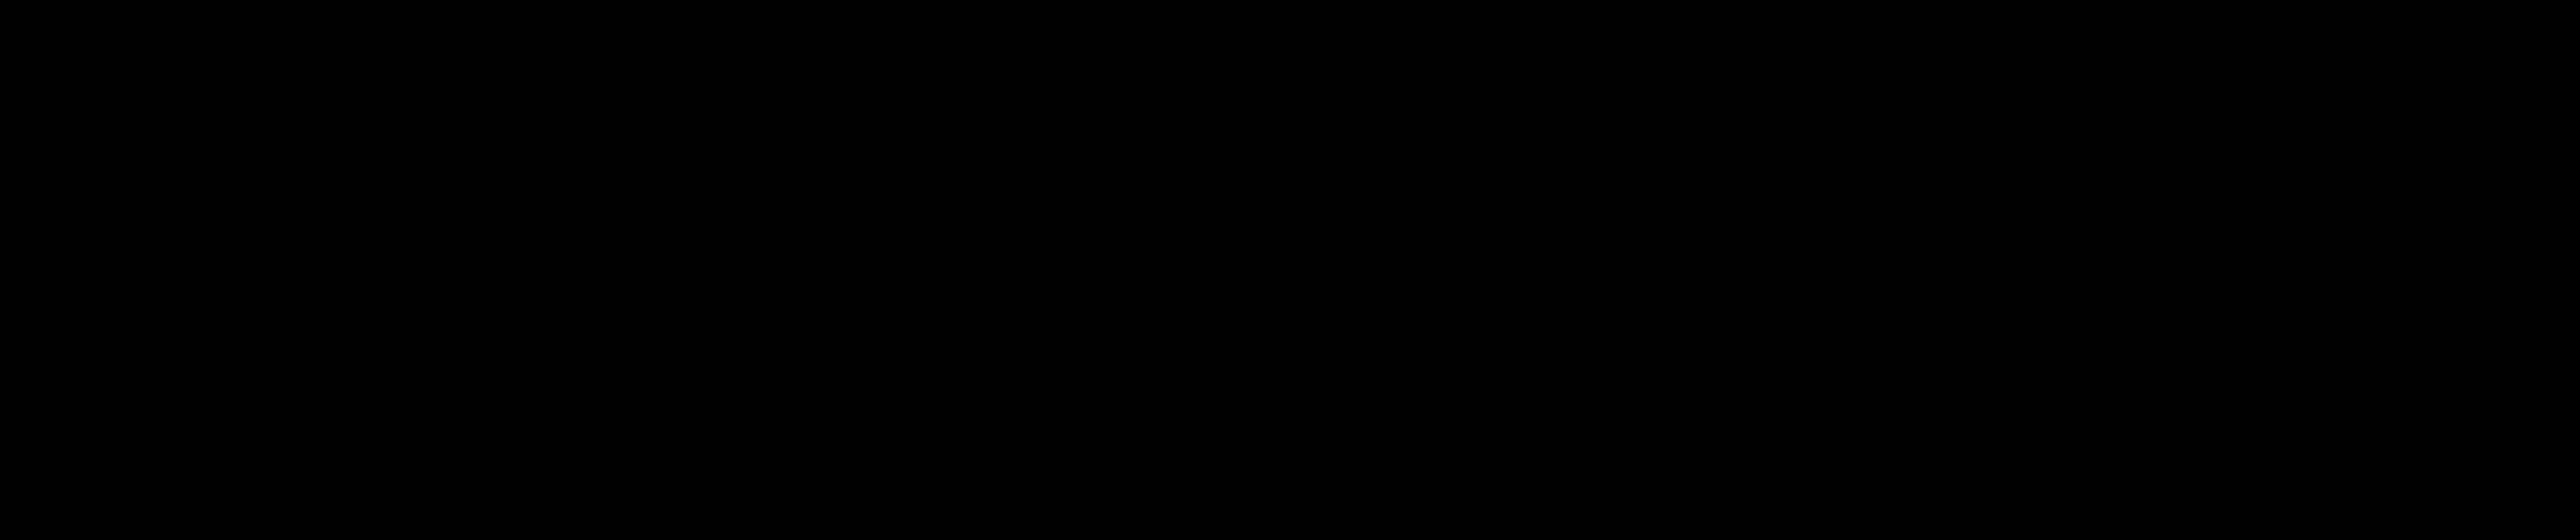 asus logo 1 - ASUS Logo